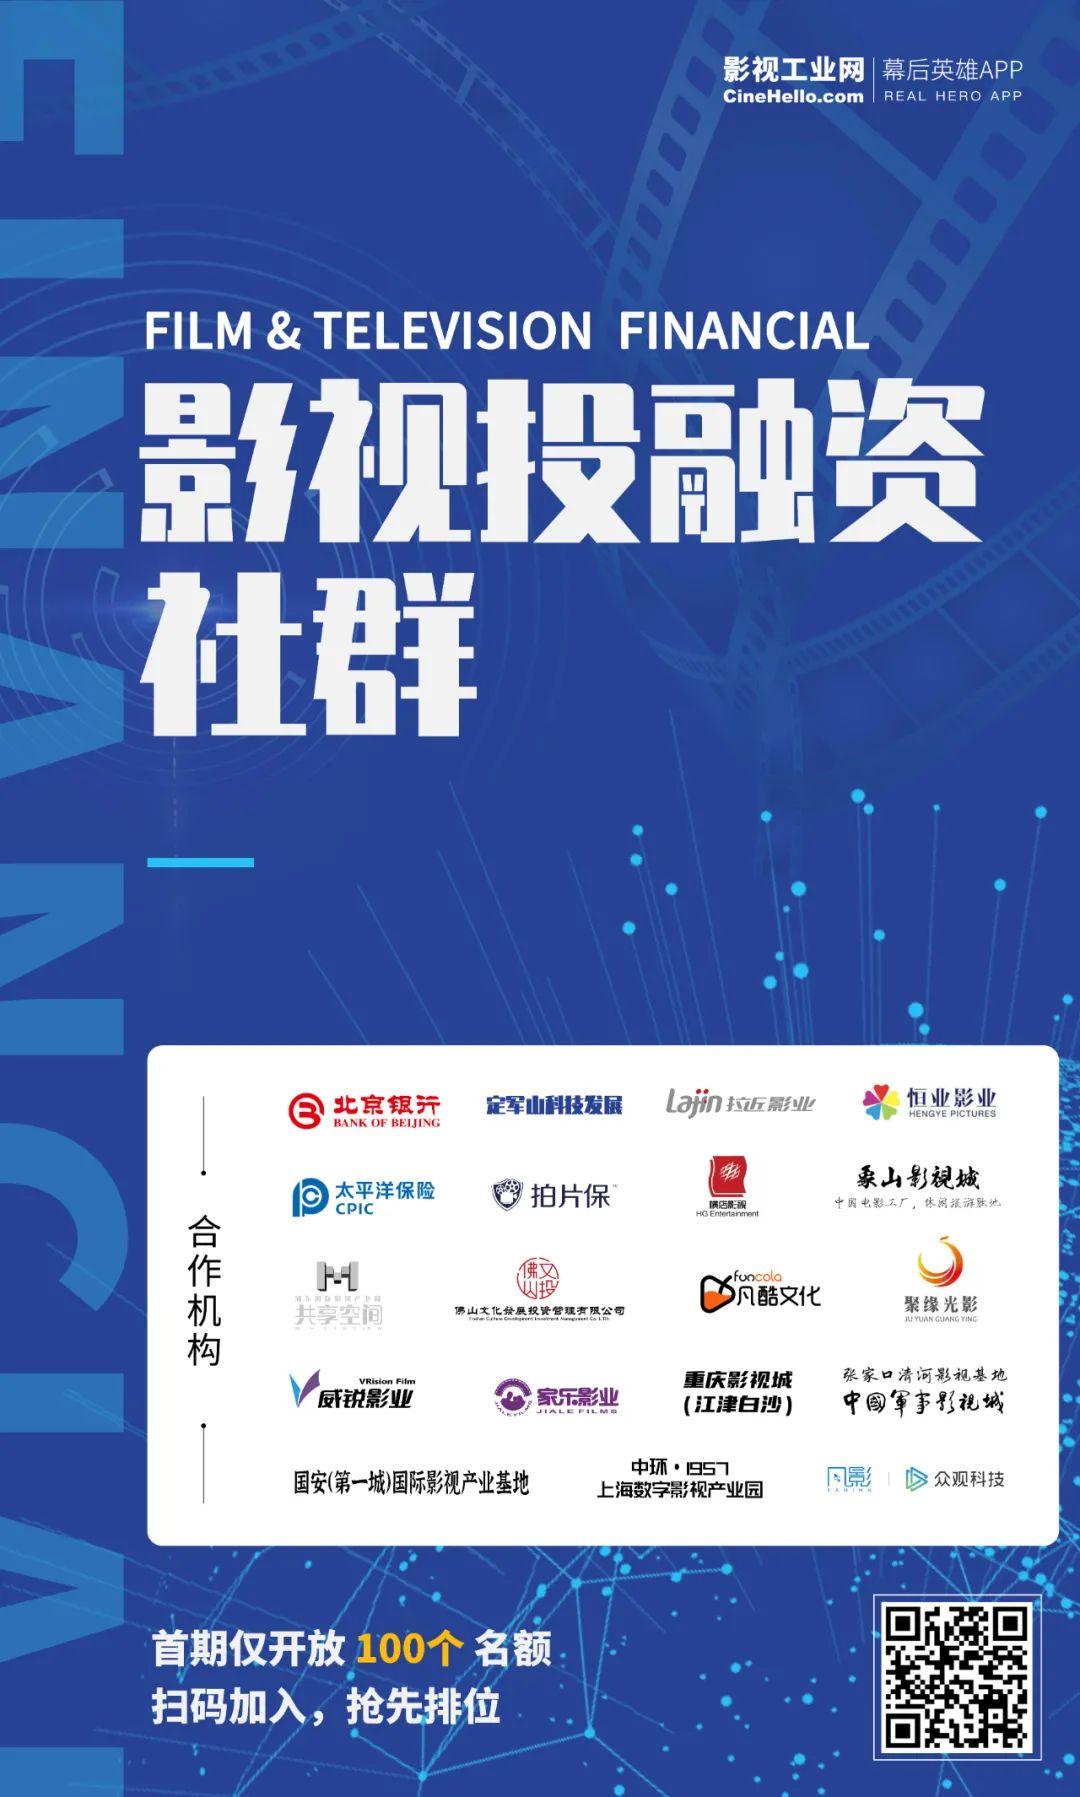 中国海外劳工调查:过得不易为挣钱养家甘愿吃苦_中国app赚钱网